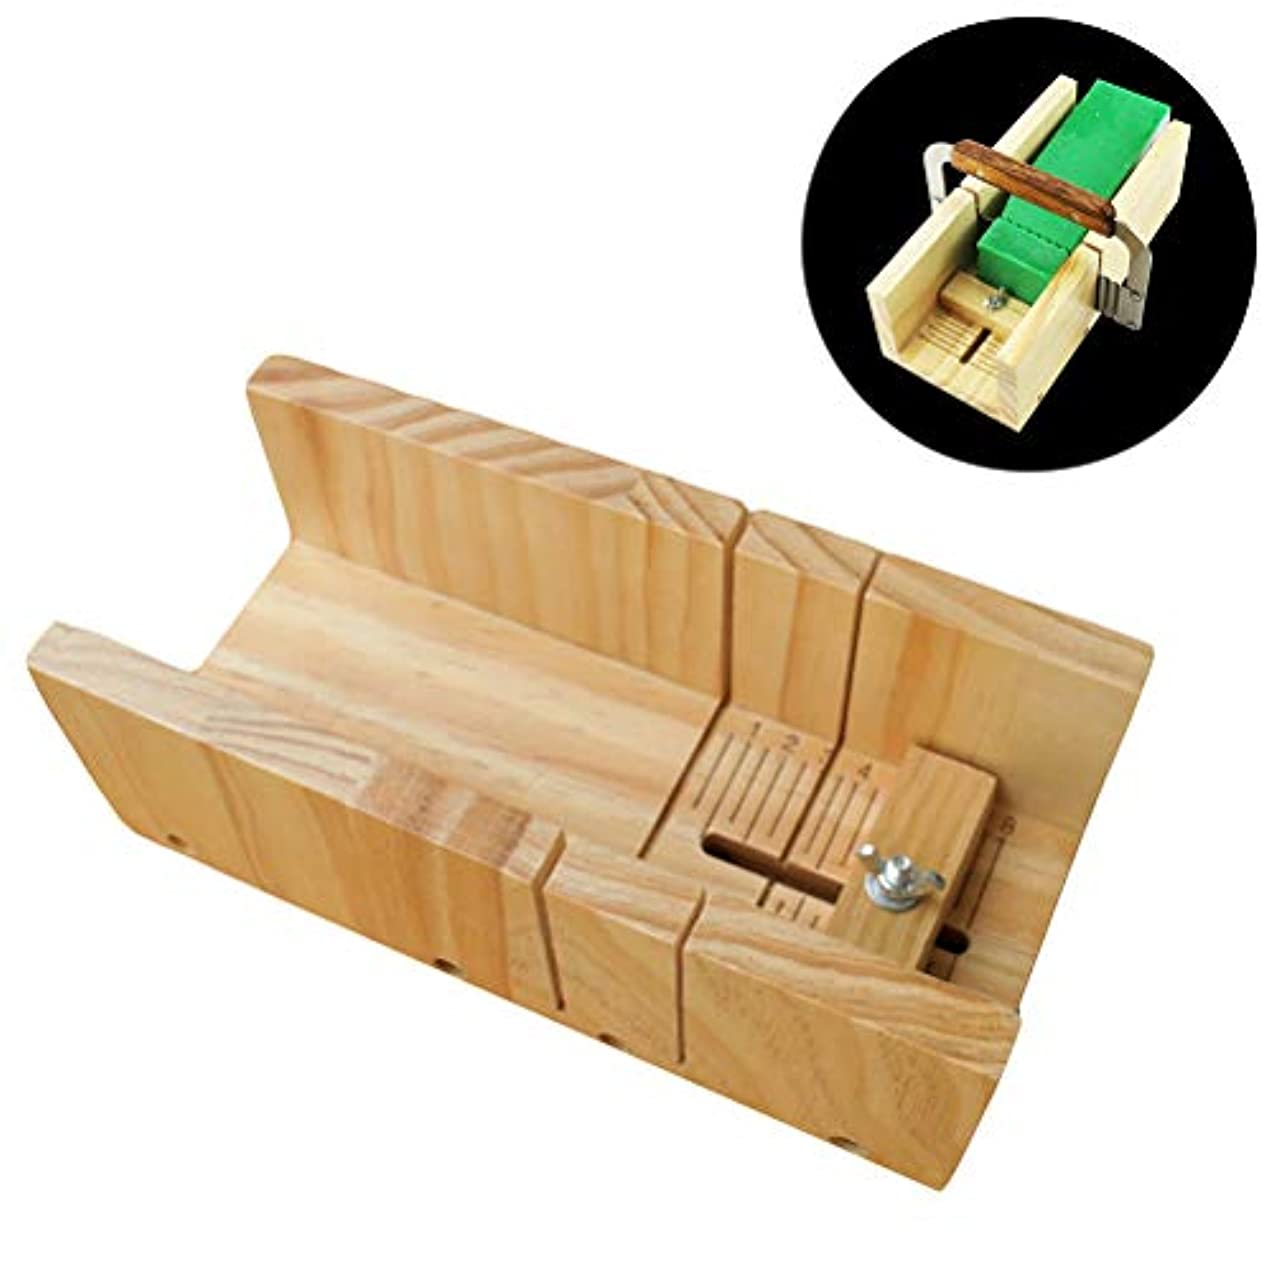 貫通する怪物ライムHealifty 木製石鹸カッターモールド石鹸ロープモールド調節可能なカッターモールドボックス石鹸ツールを作る